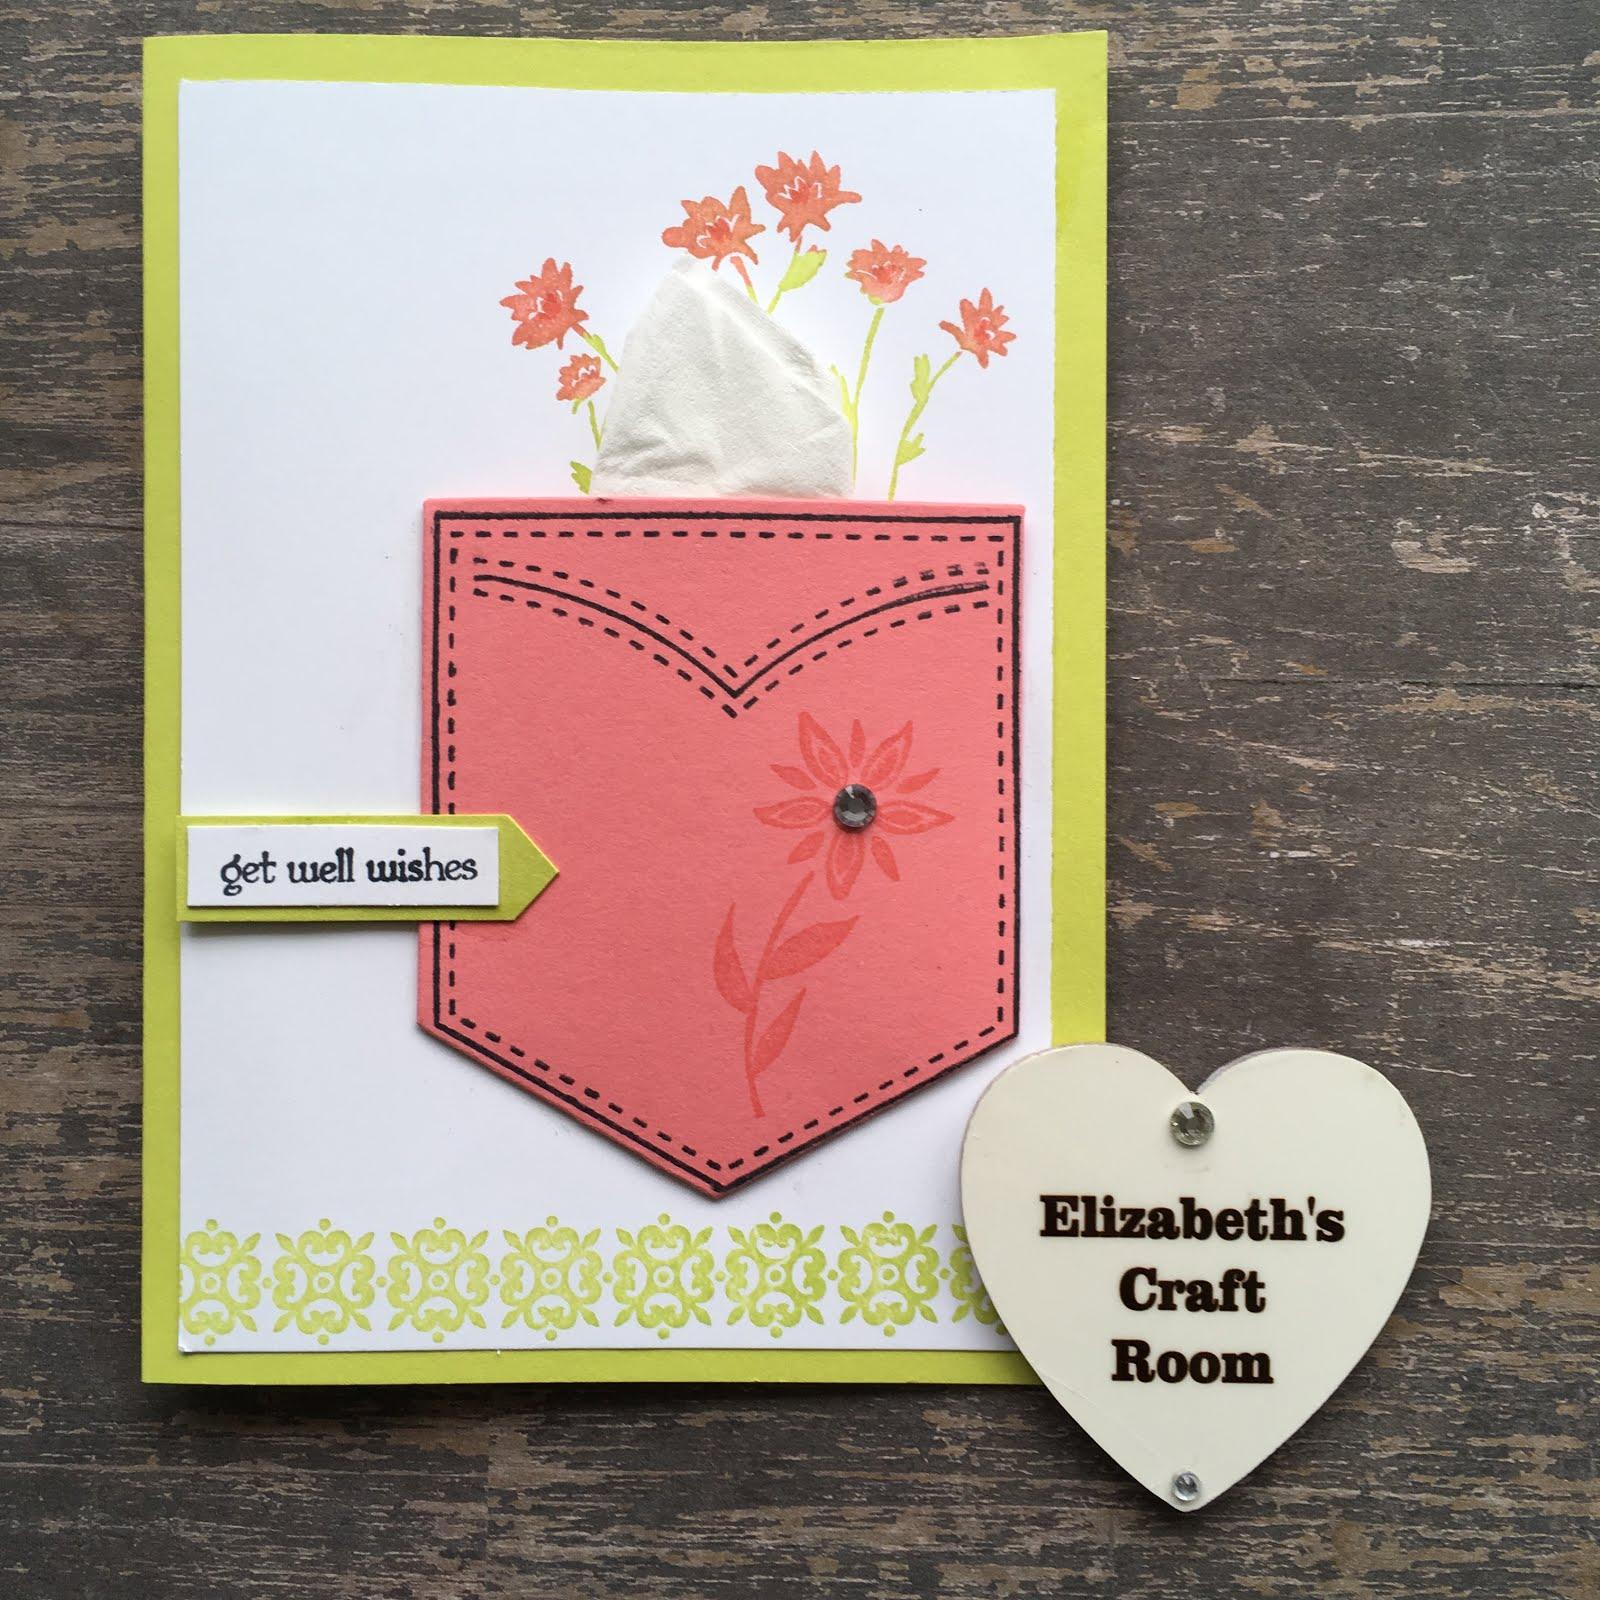 Elizabeths craft room more pocket full of sunshine more pocket full of sunshine m4hsunfo